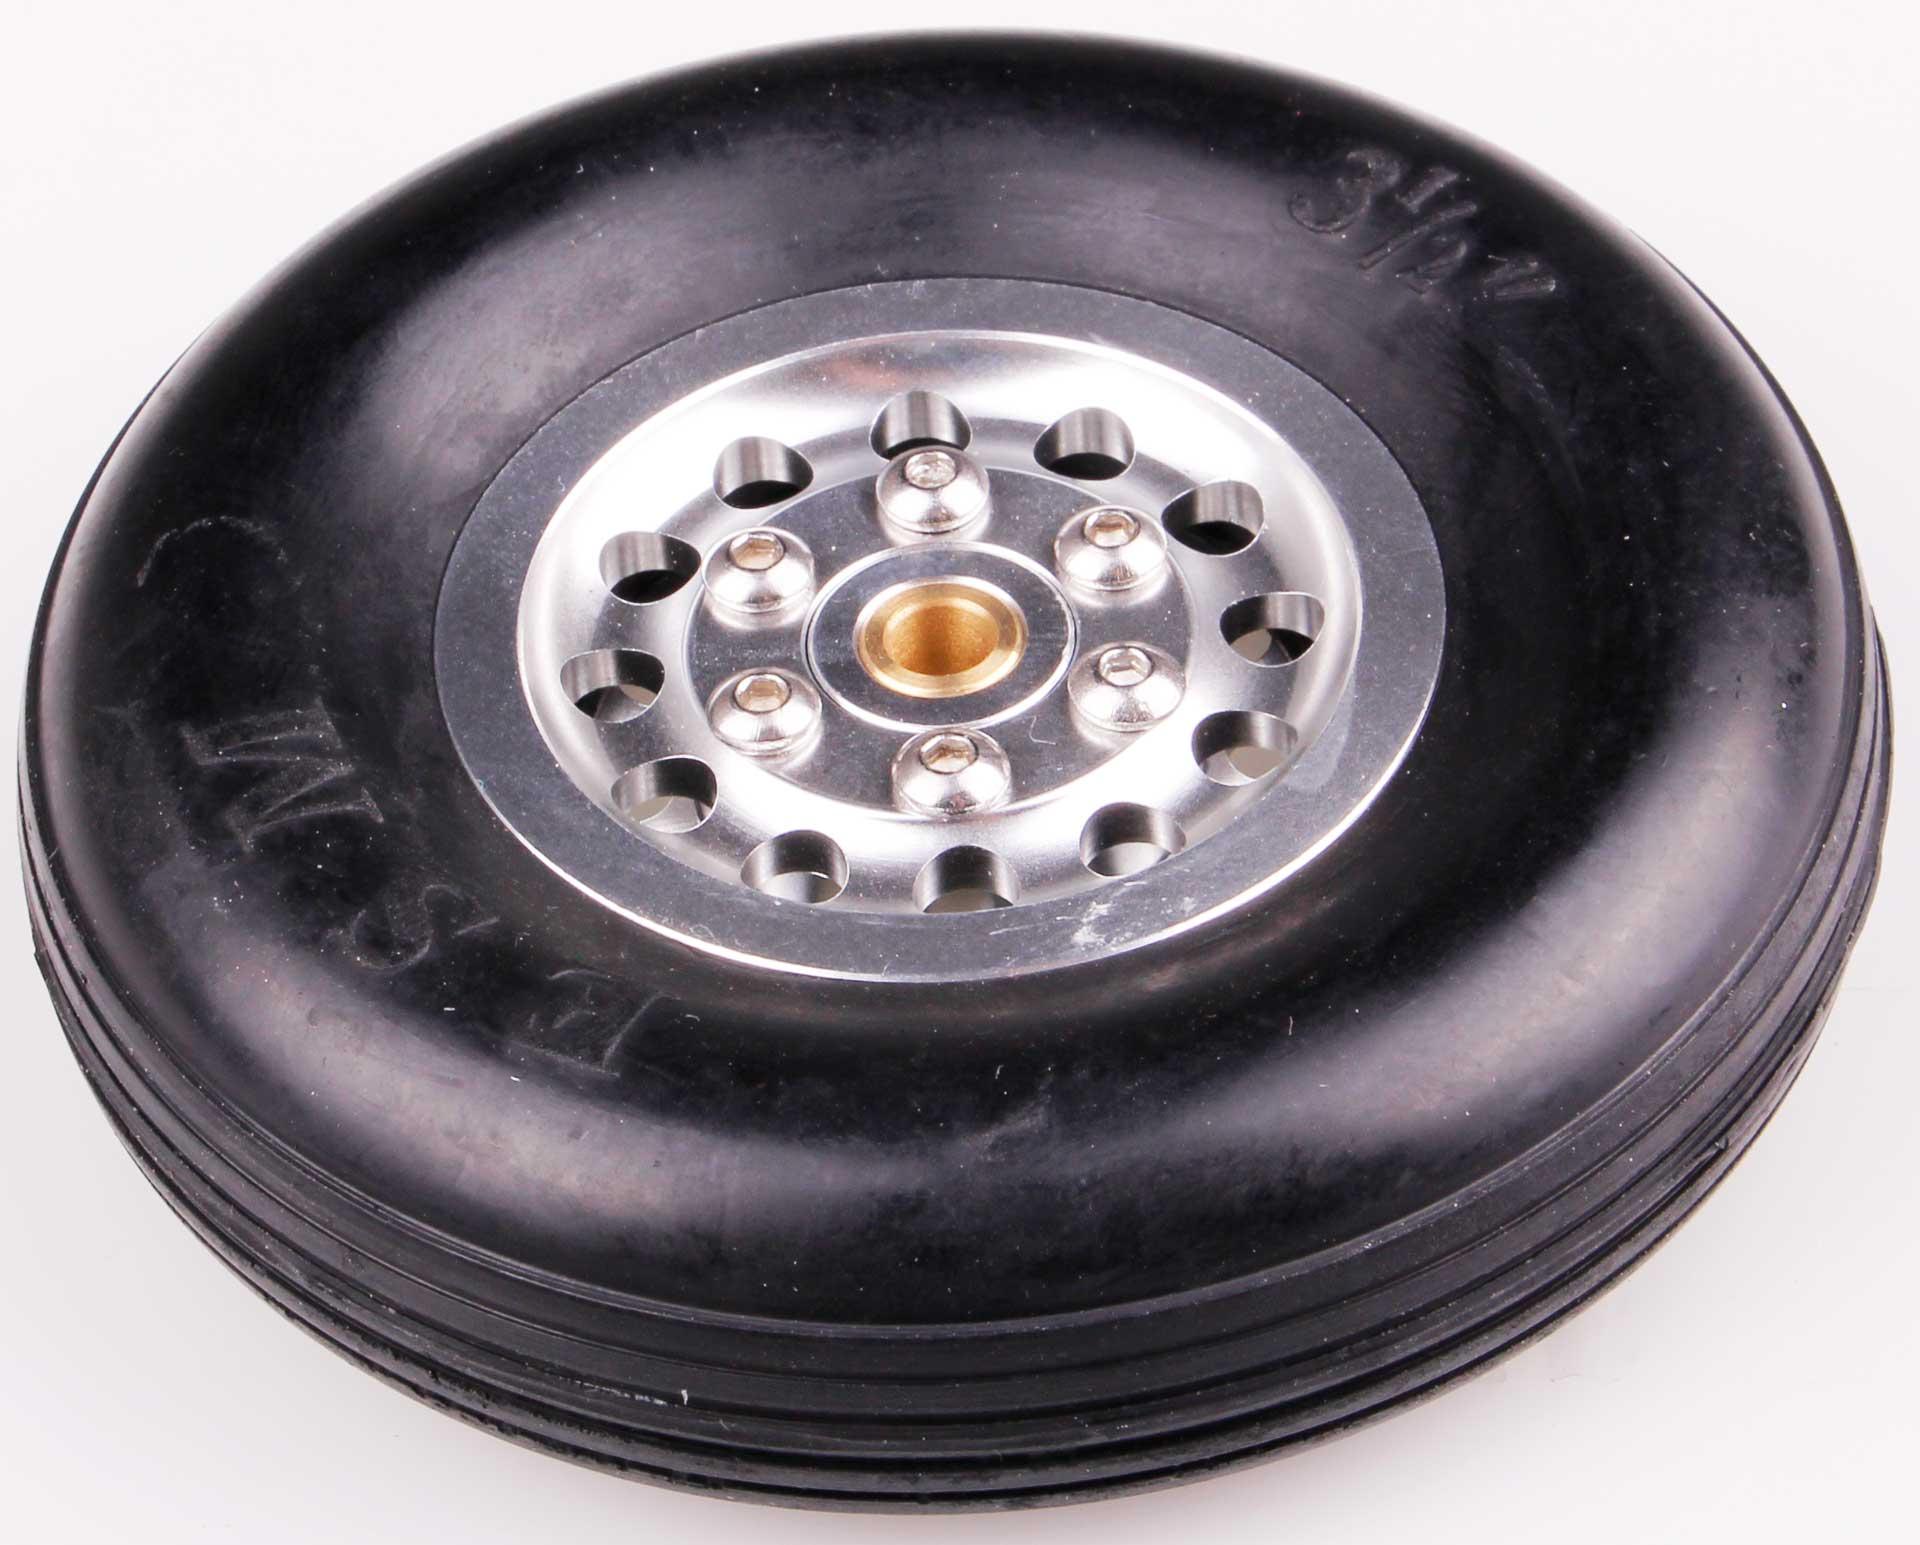 Robbe Modellsport Roue ø90x25mm ø5mm Axe de roue avec jante en aluminium 91 Gramm 1Stk.